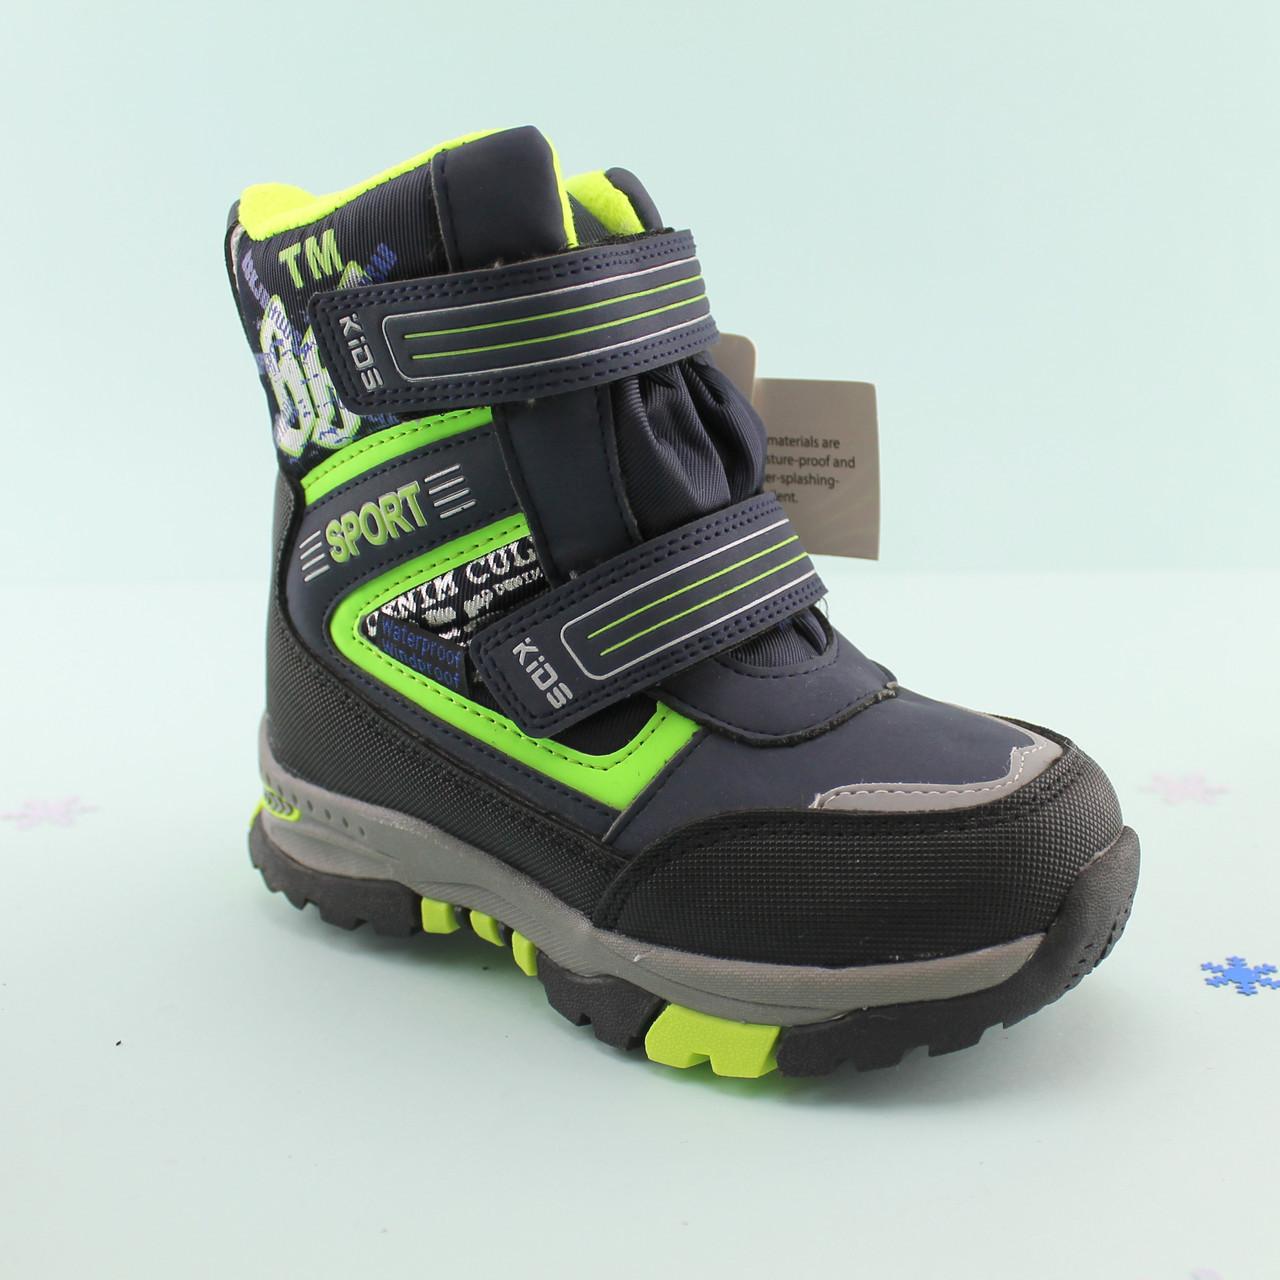 a821c8b74 Детские Термо сапоги для мальчиков обувь Том.м размер 27 - BonKids -  детский магазин